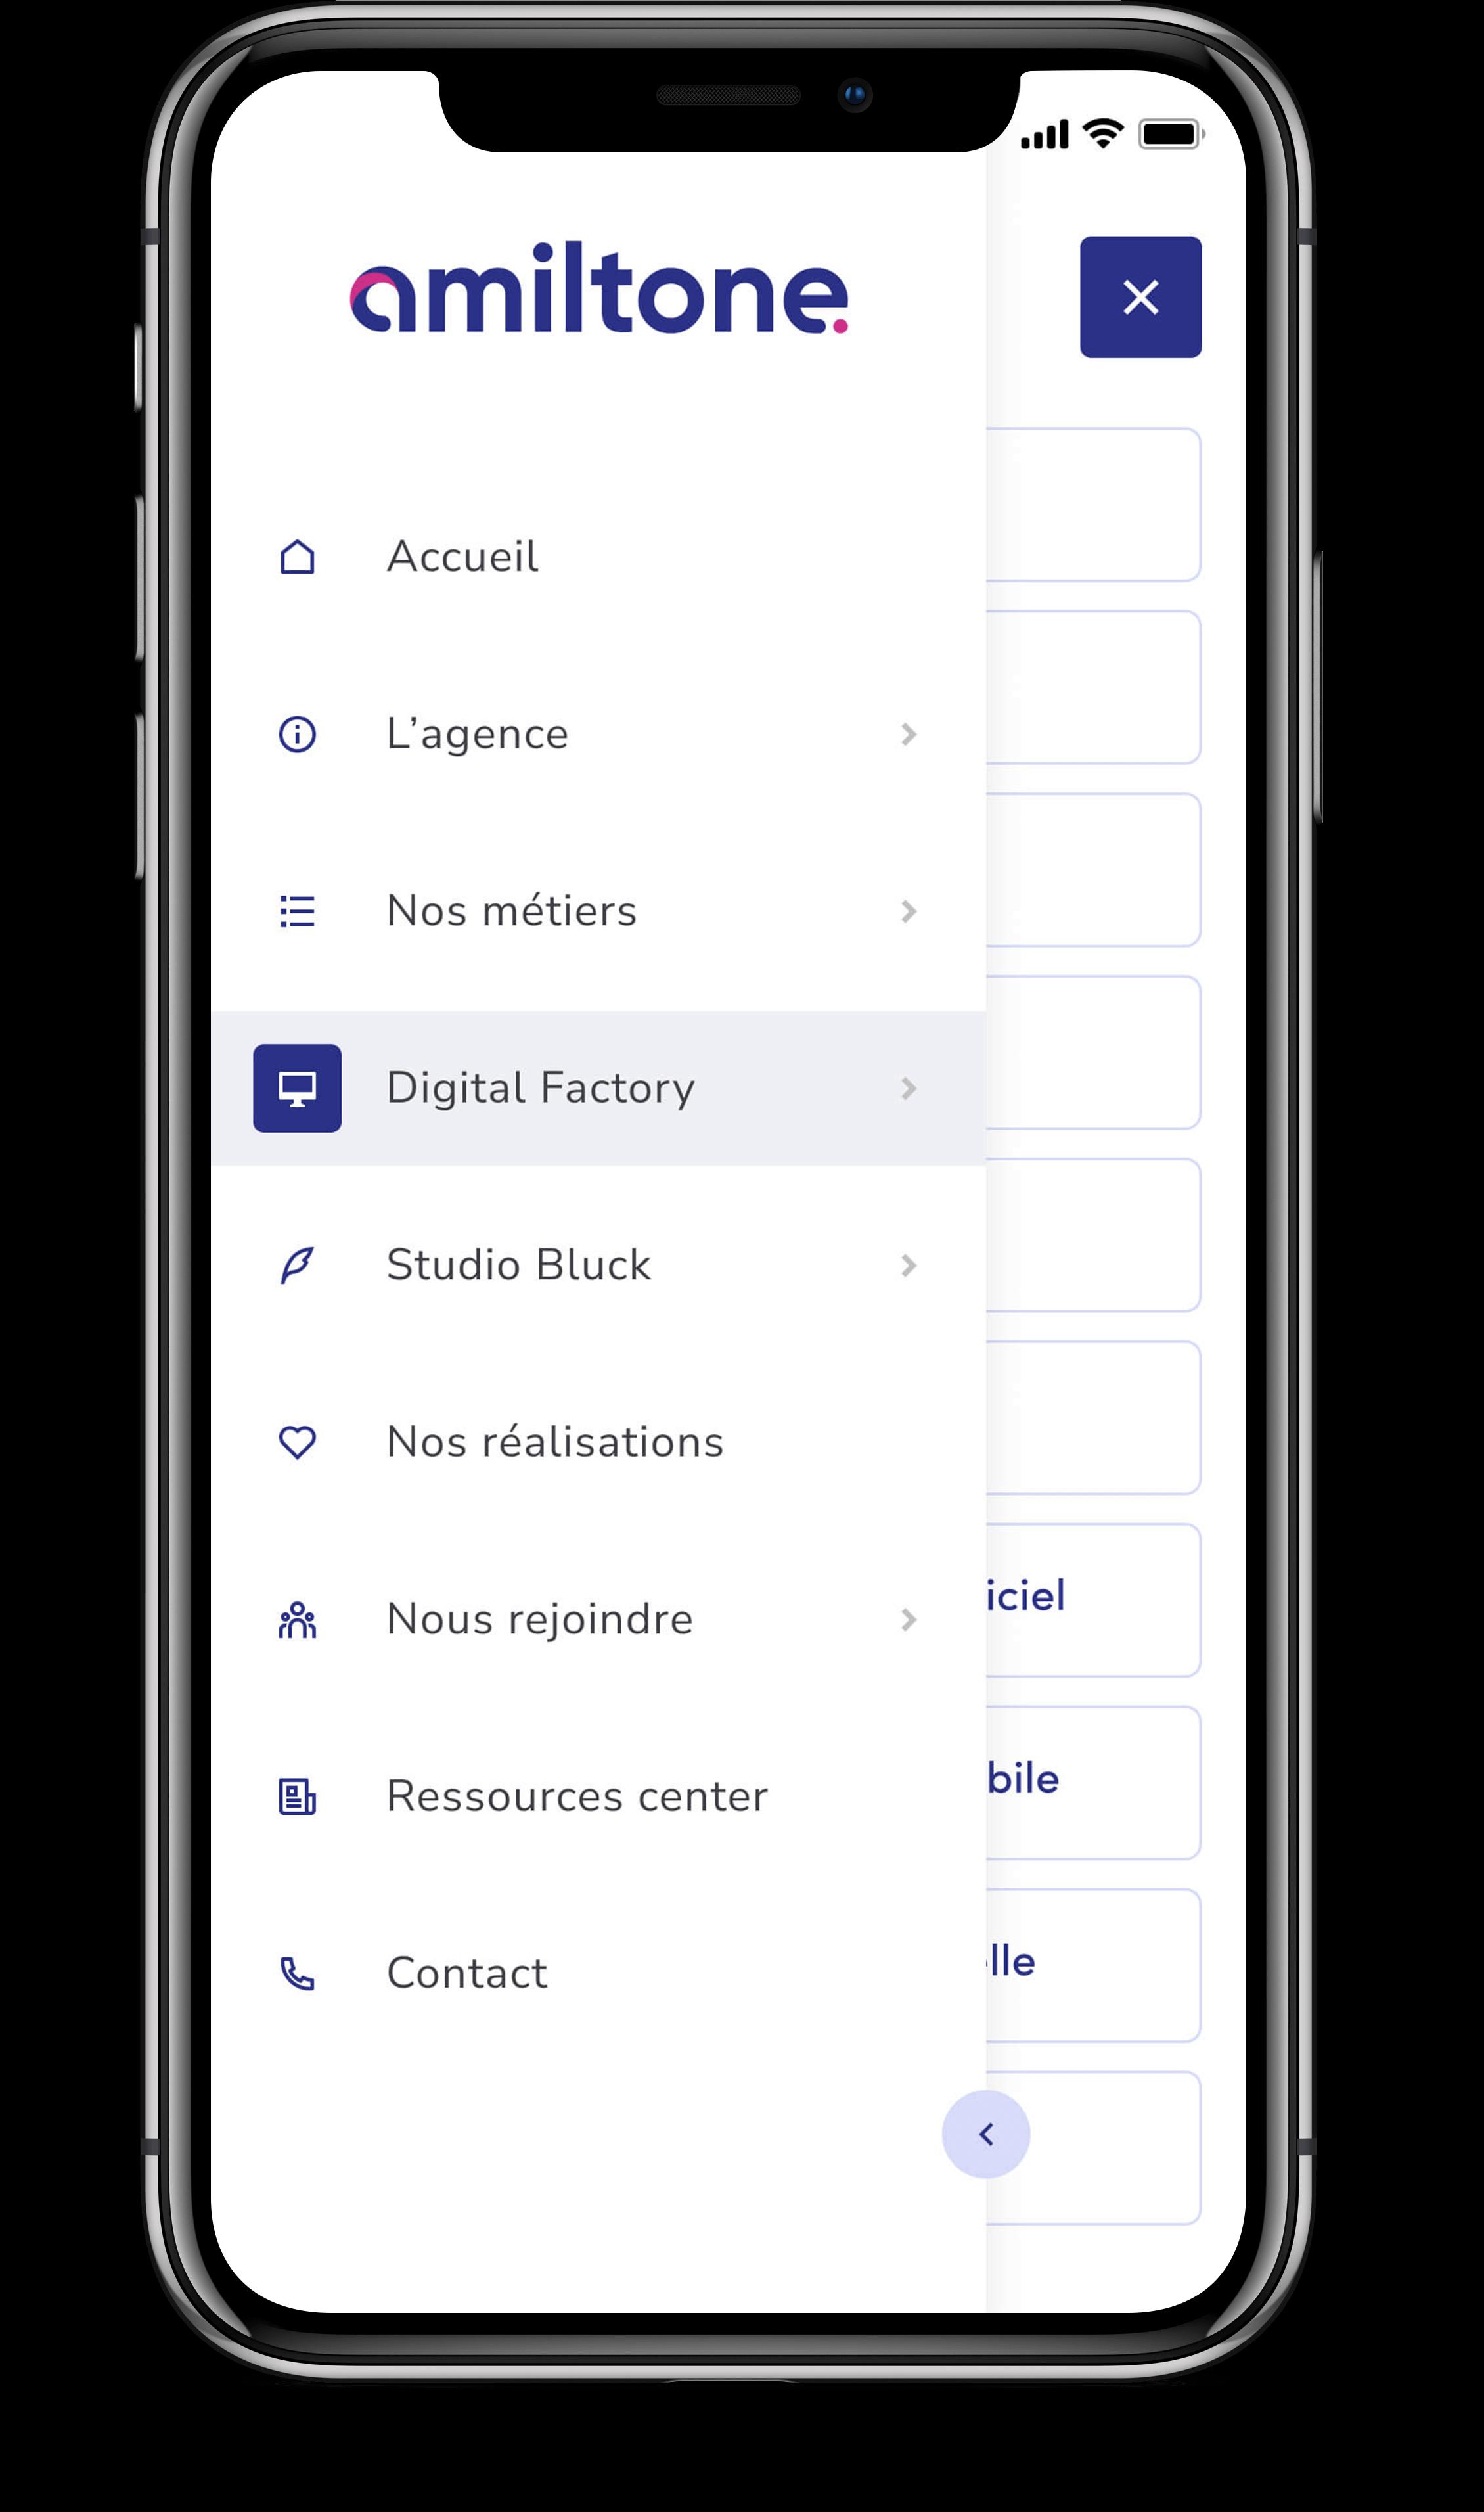 Écran mobile qui représente le menu de navigation en responsive